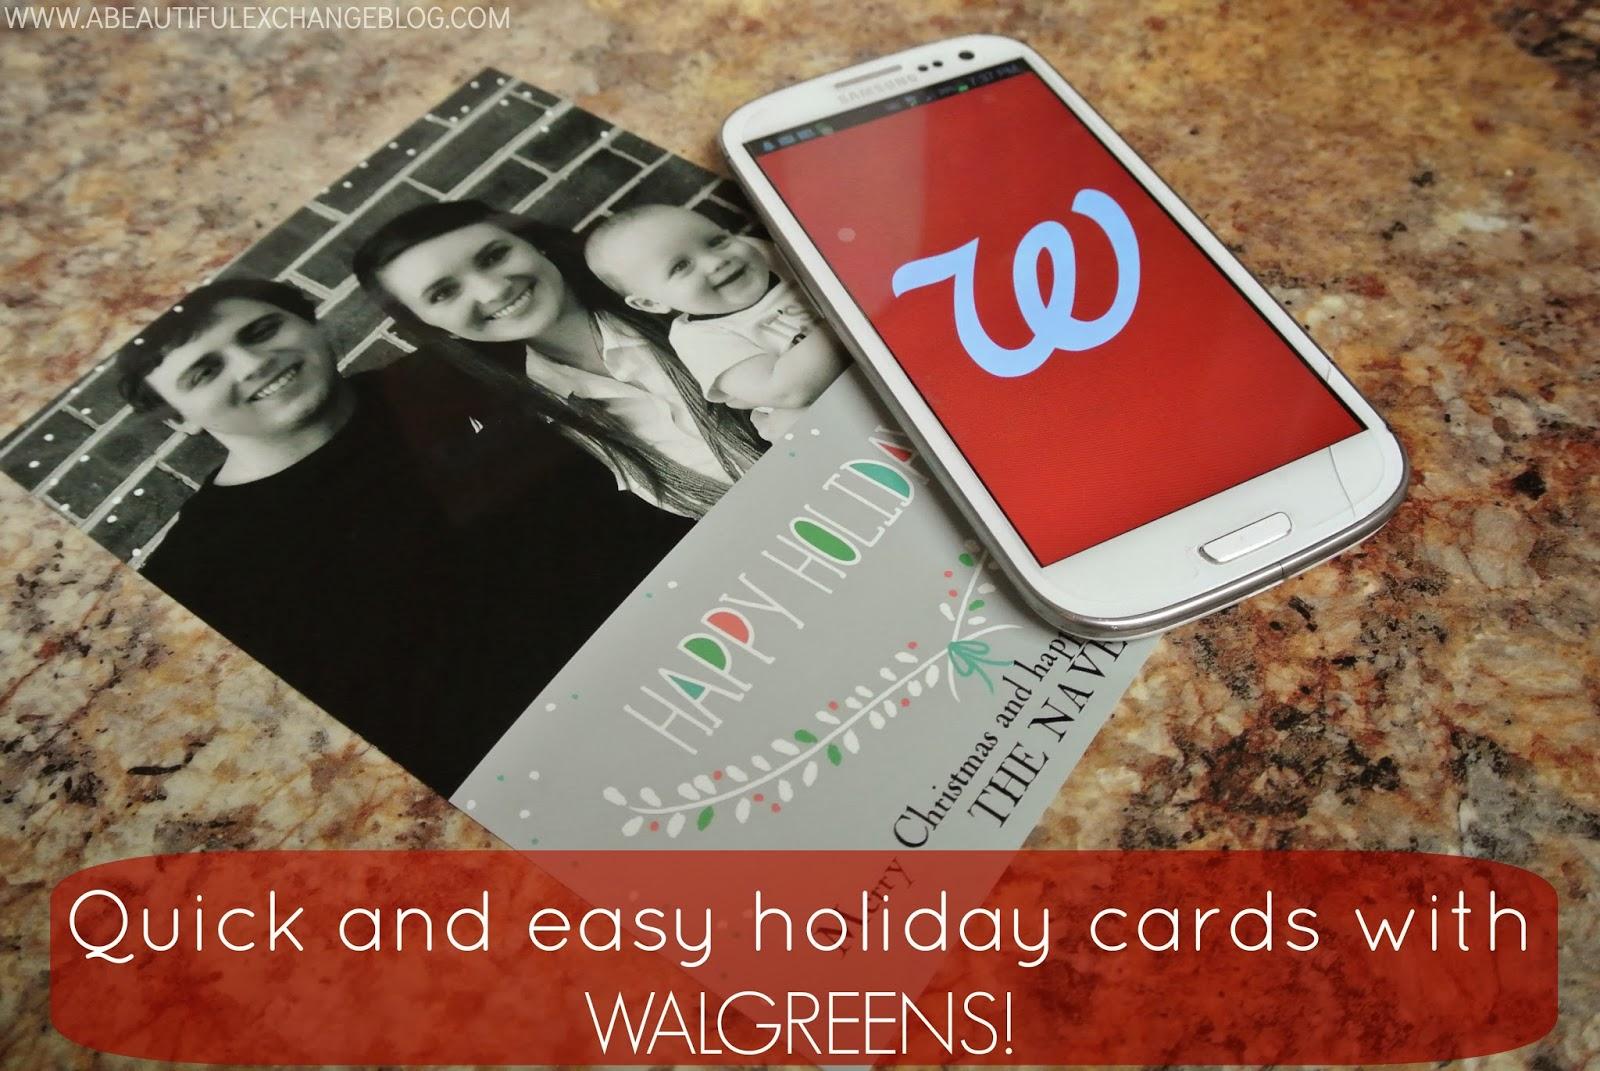 23shop holiday cards from walgreens walgreens app cheap holiday ViCkzlci